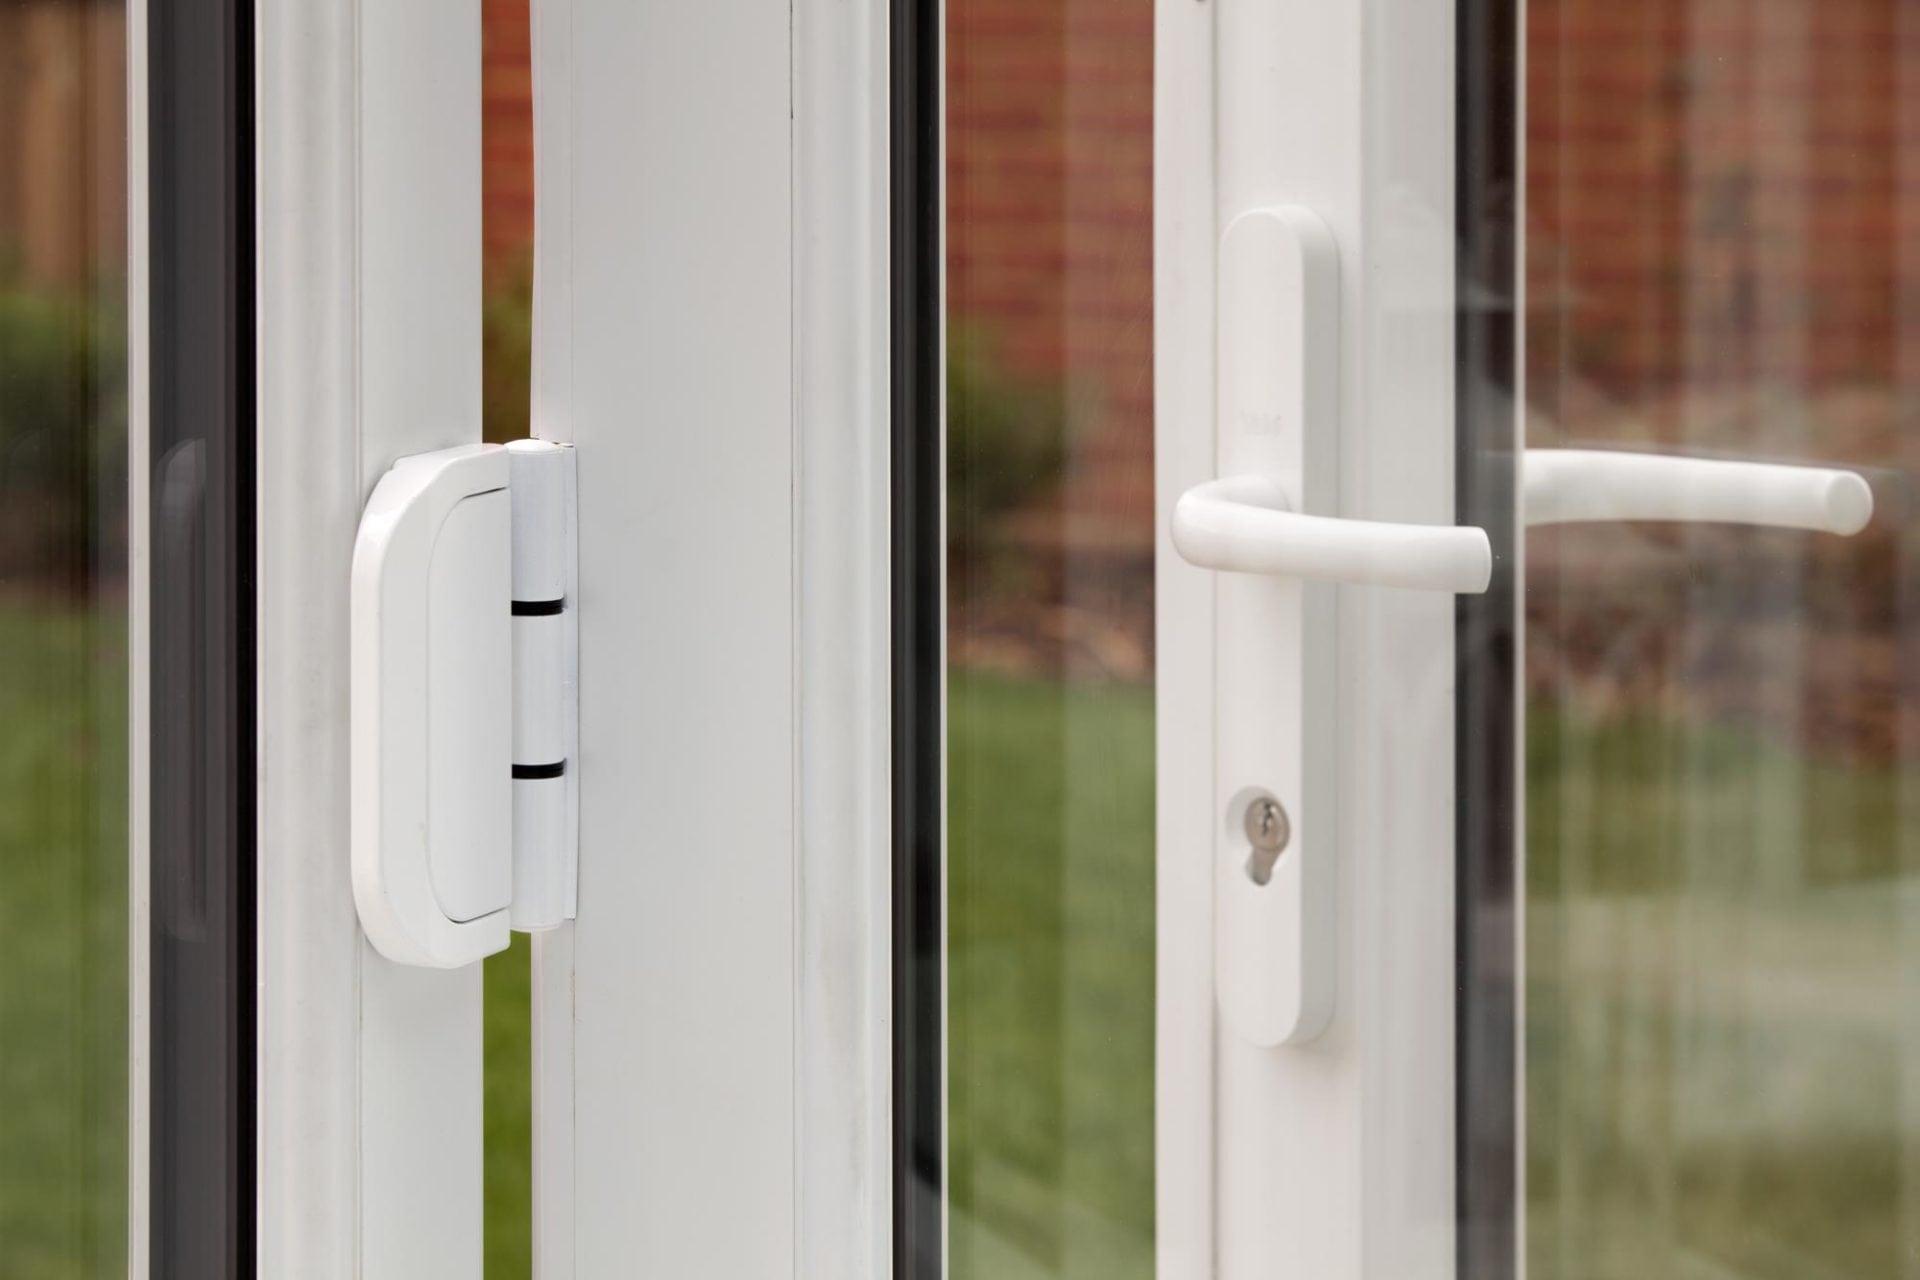 Aspect UPVC Bi-fold Doors - Grey High Security